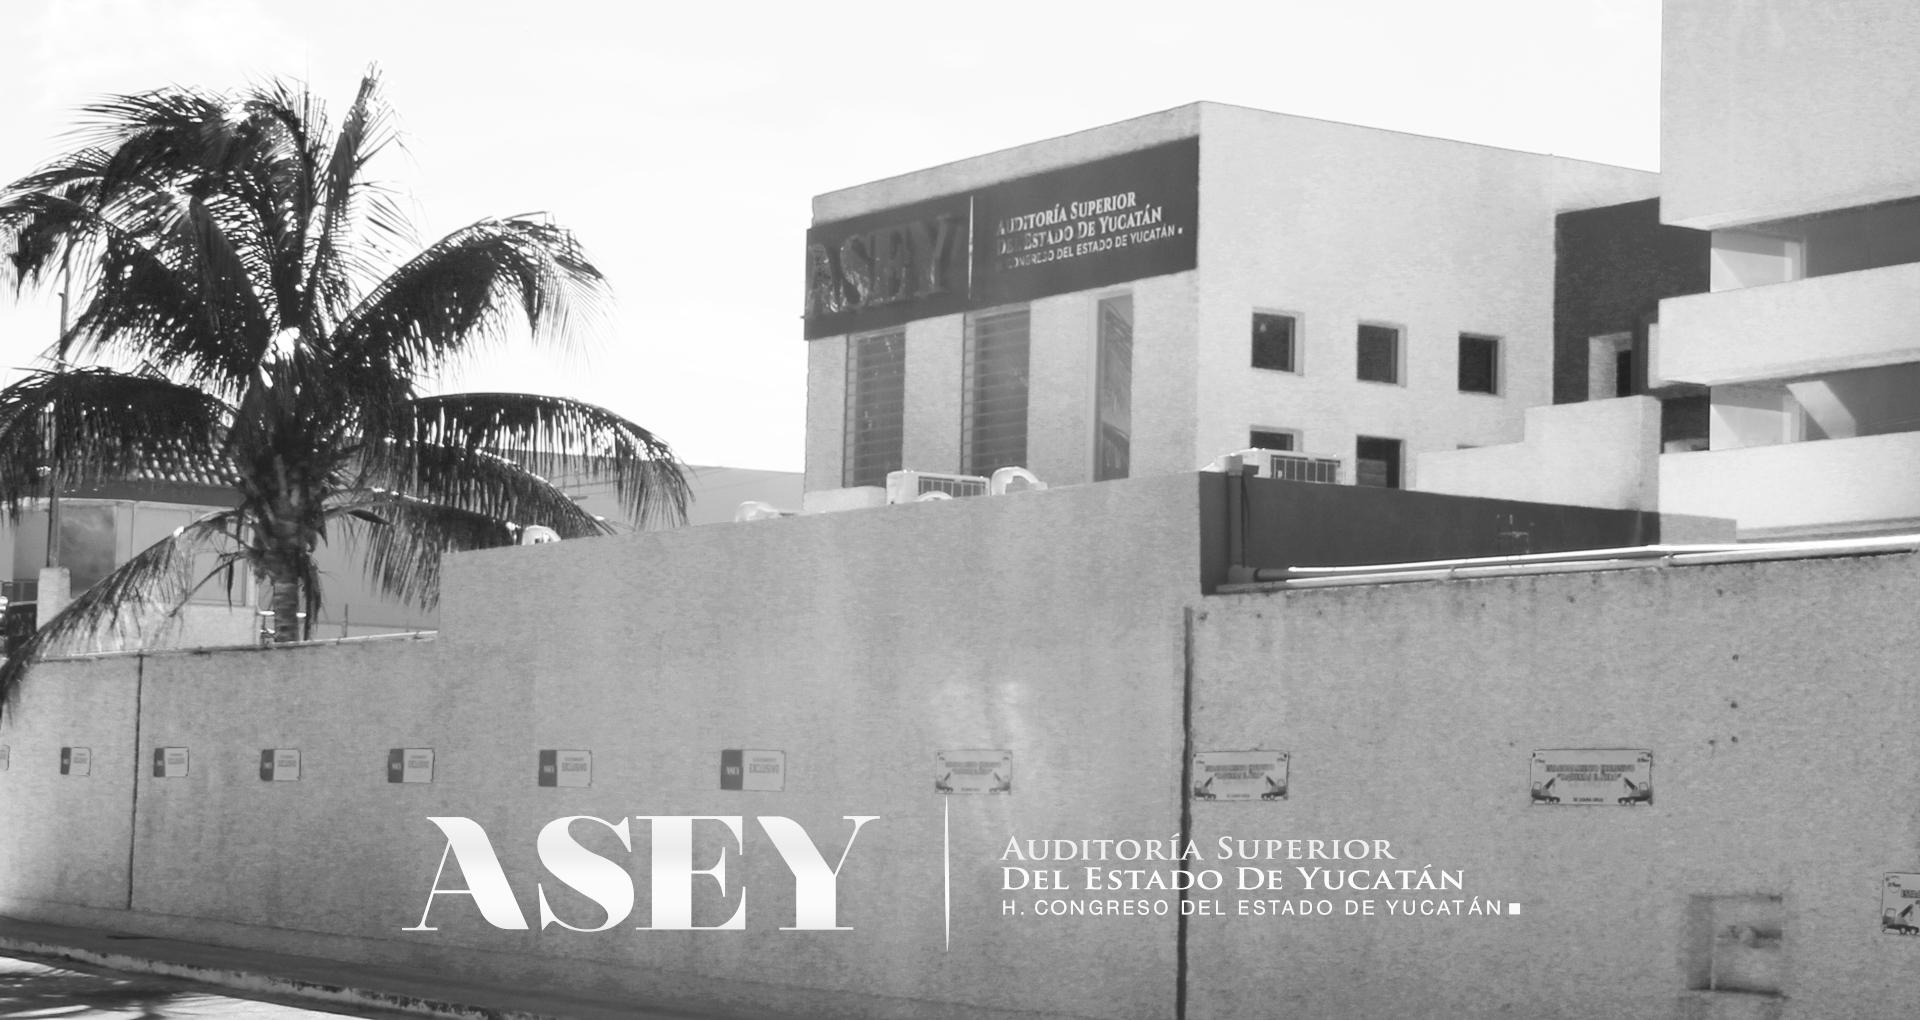 Auditoría Superior del Estado de Yucatán